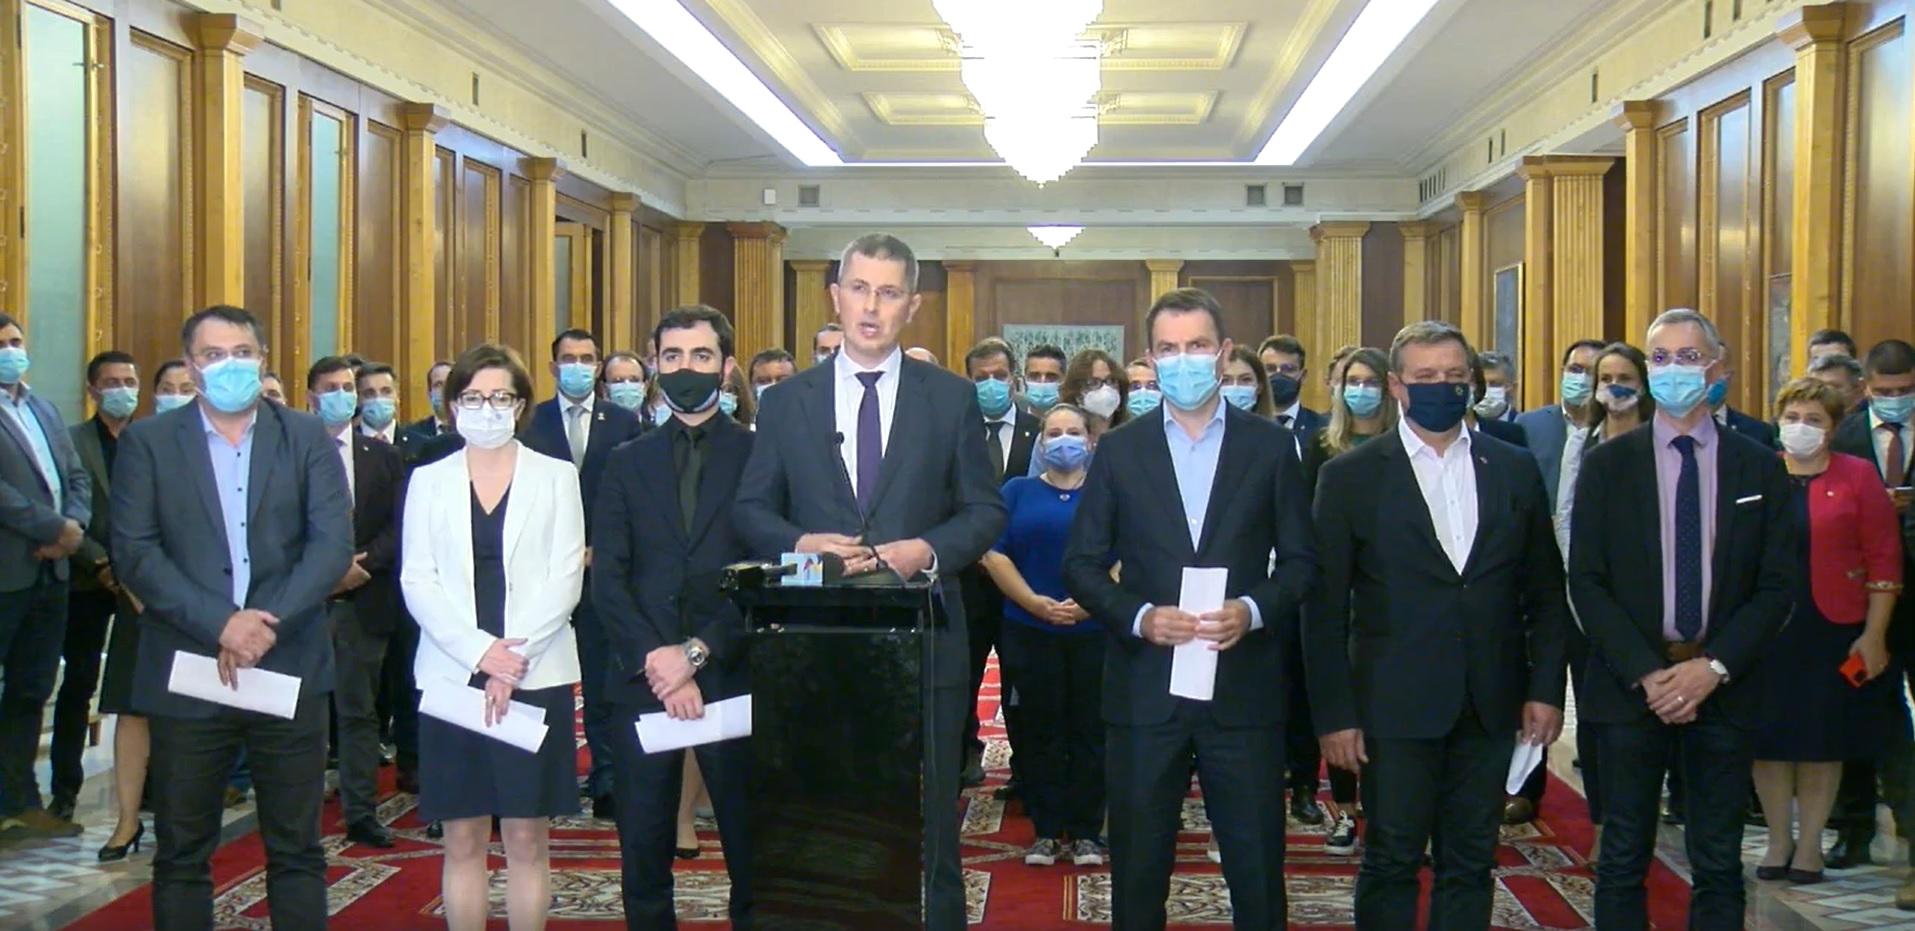 BREAKING | Miniștrii USR PLUS demisionează din Guvern. Mâine dimineață își vor depune mandatele